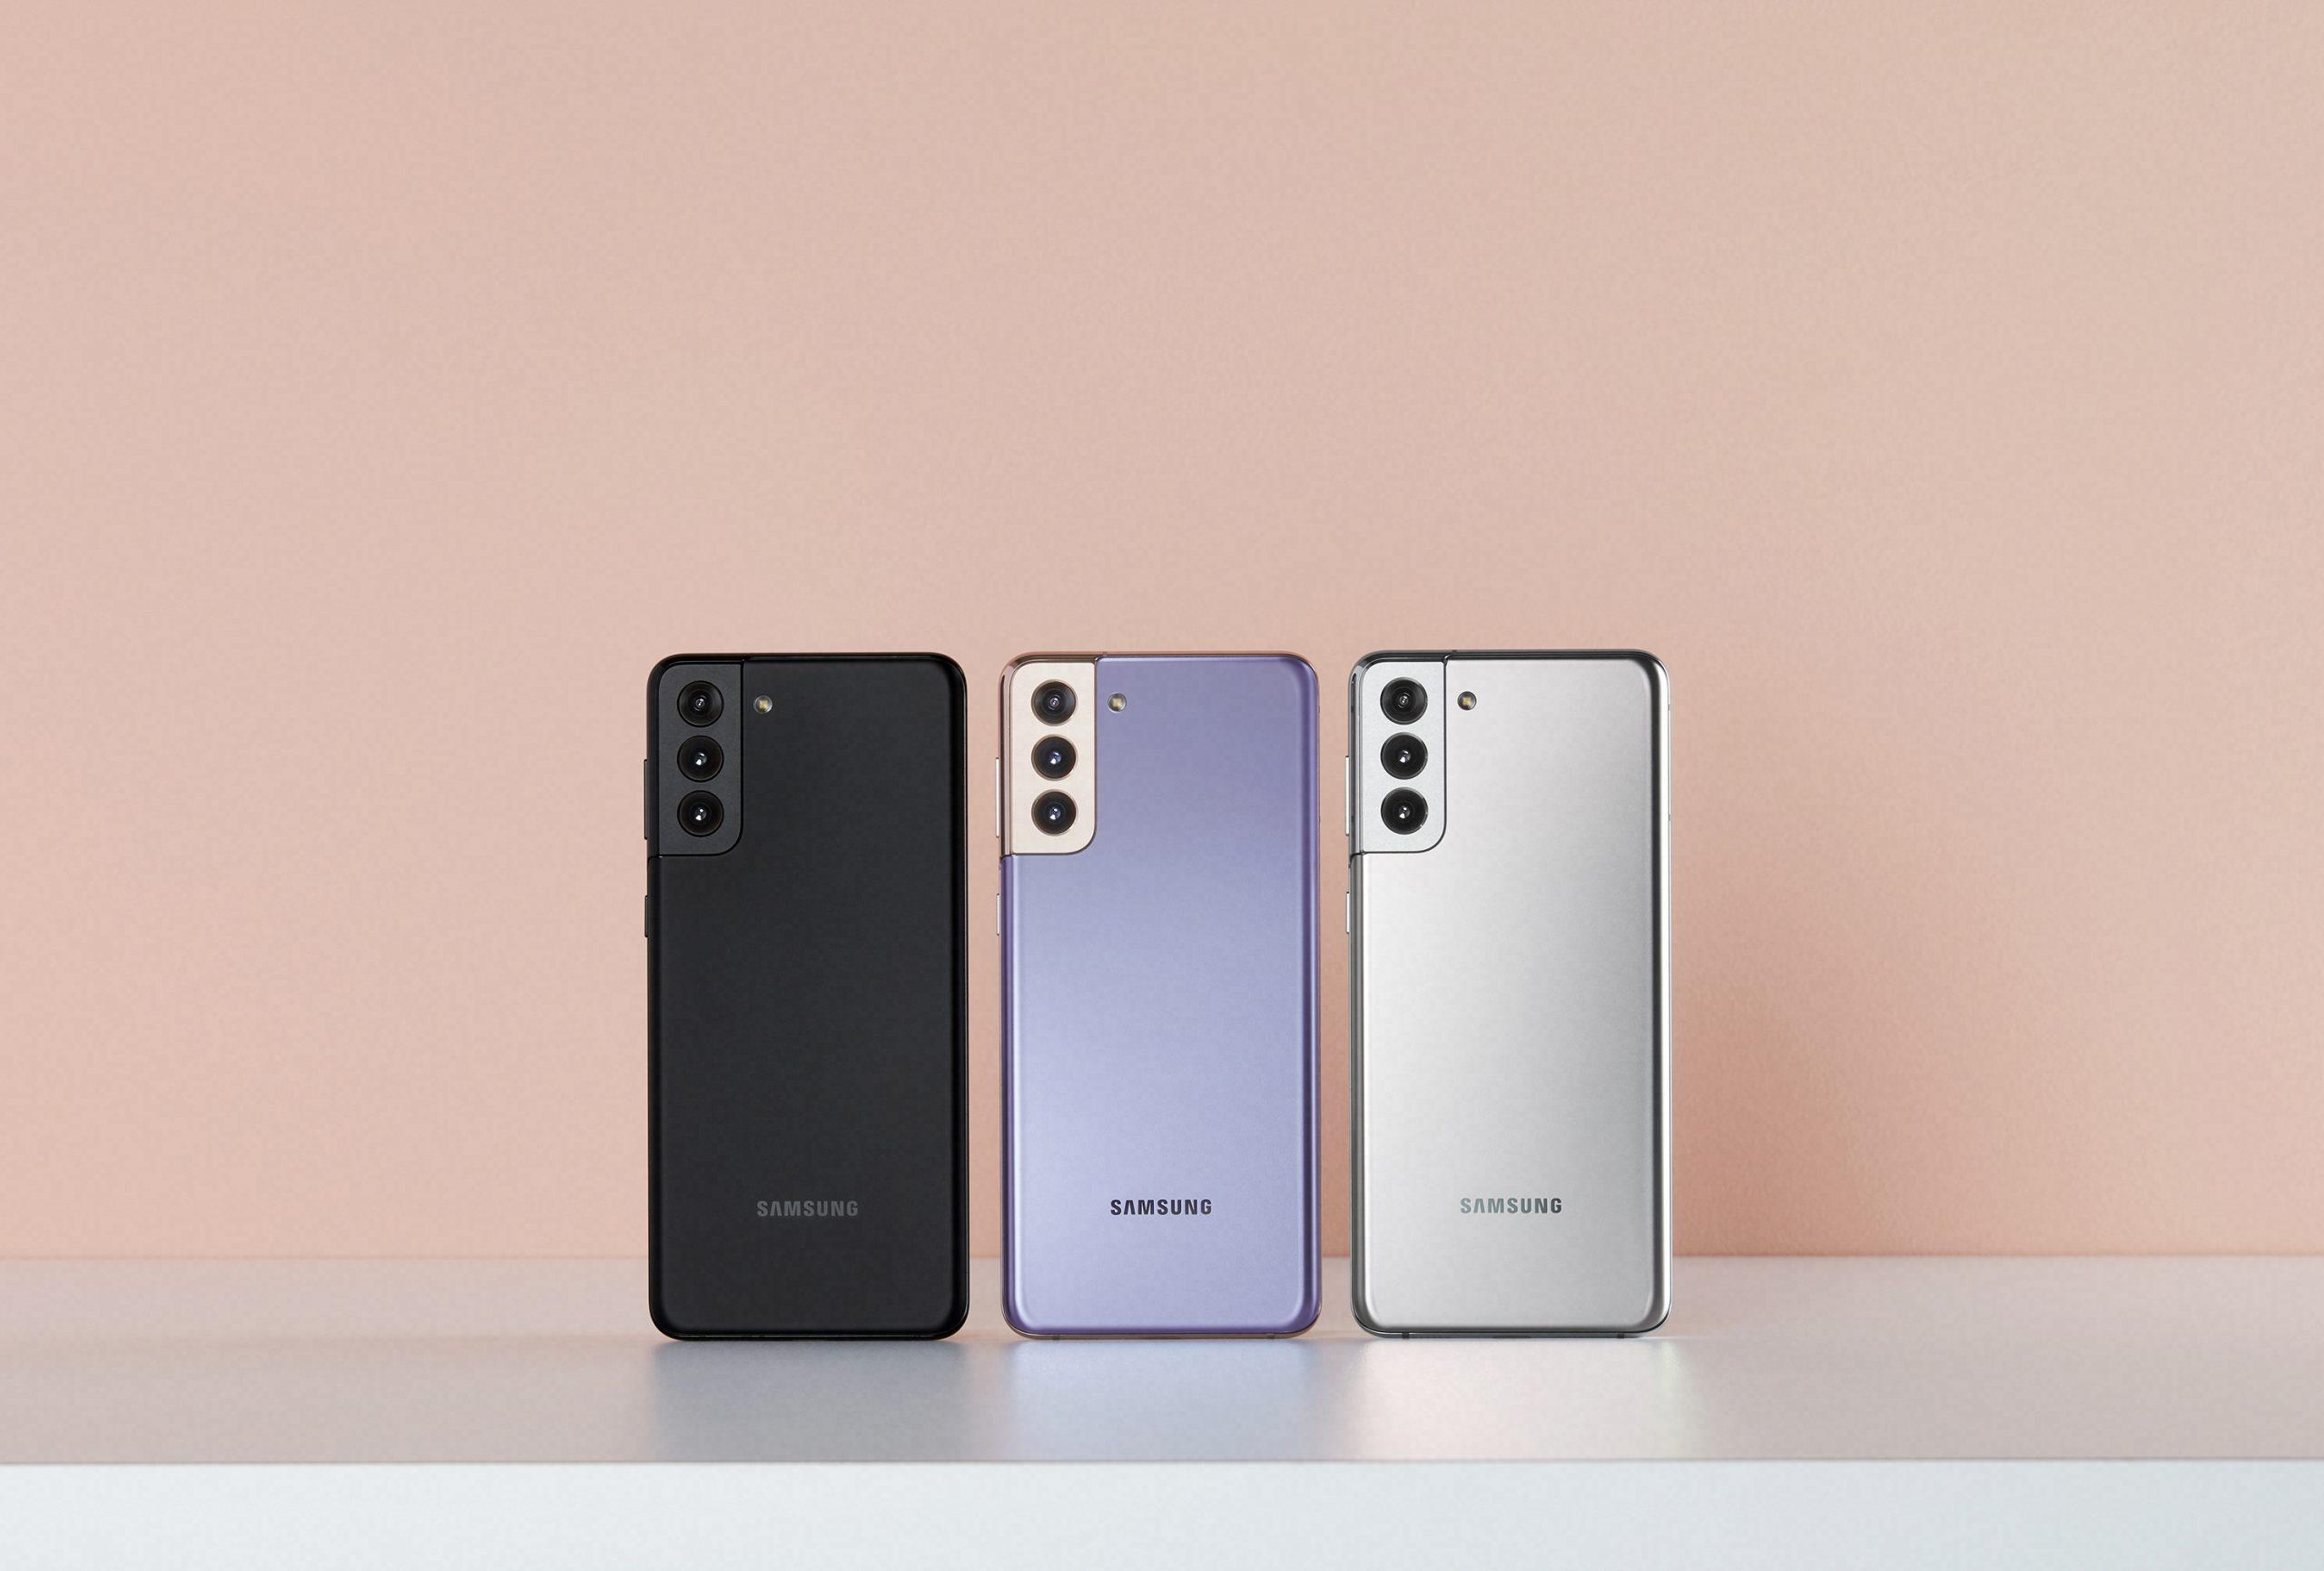 Samsung Galaxy S21 & S21+